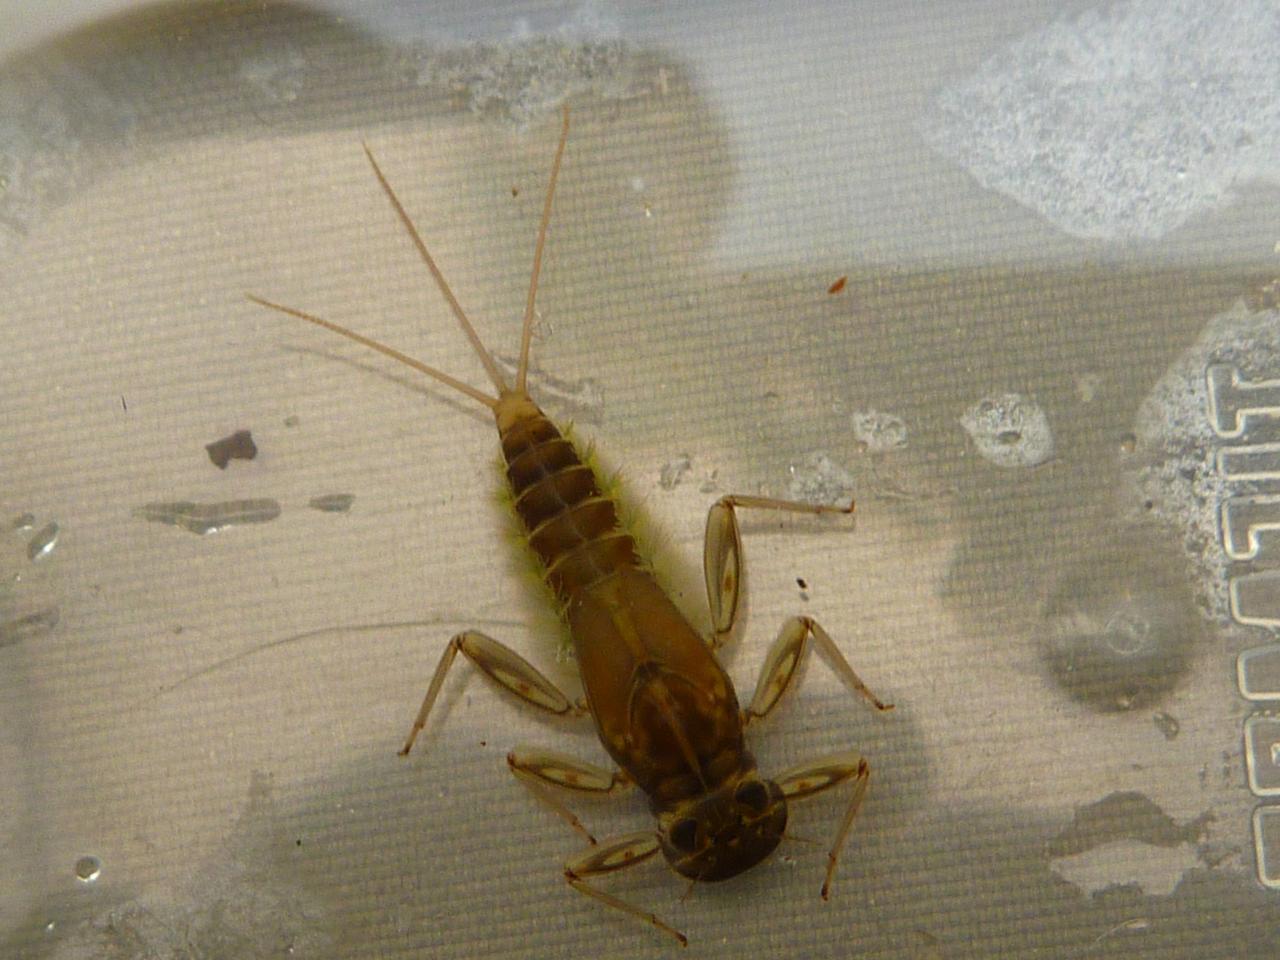 Une larve plate